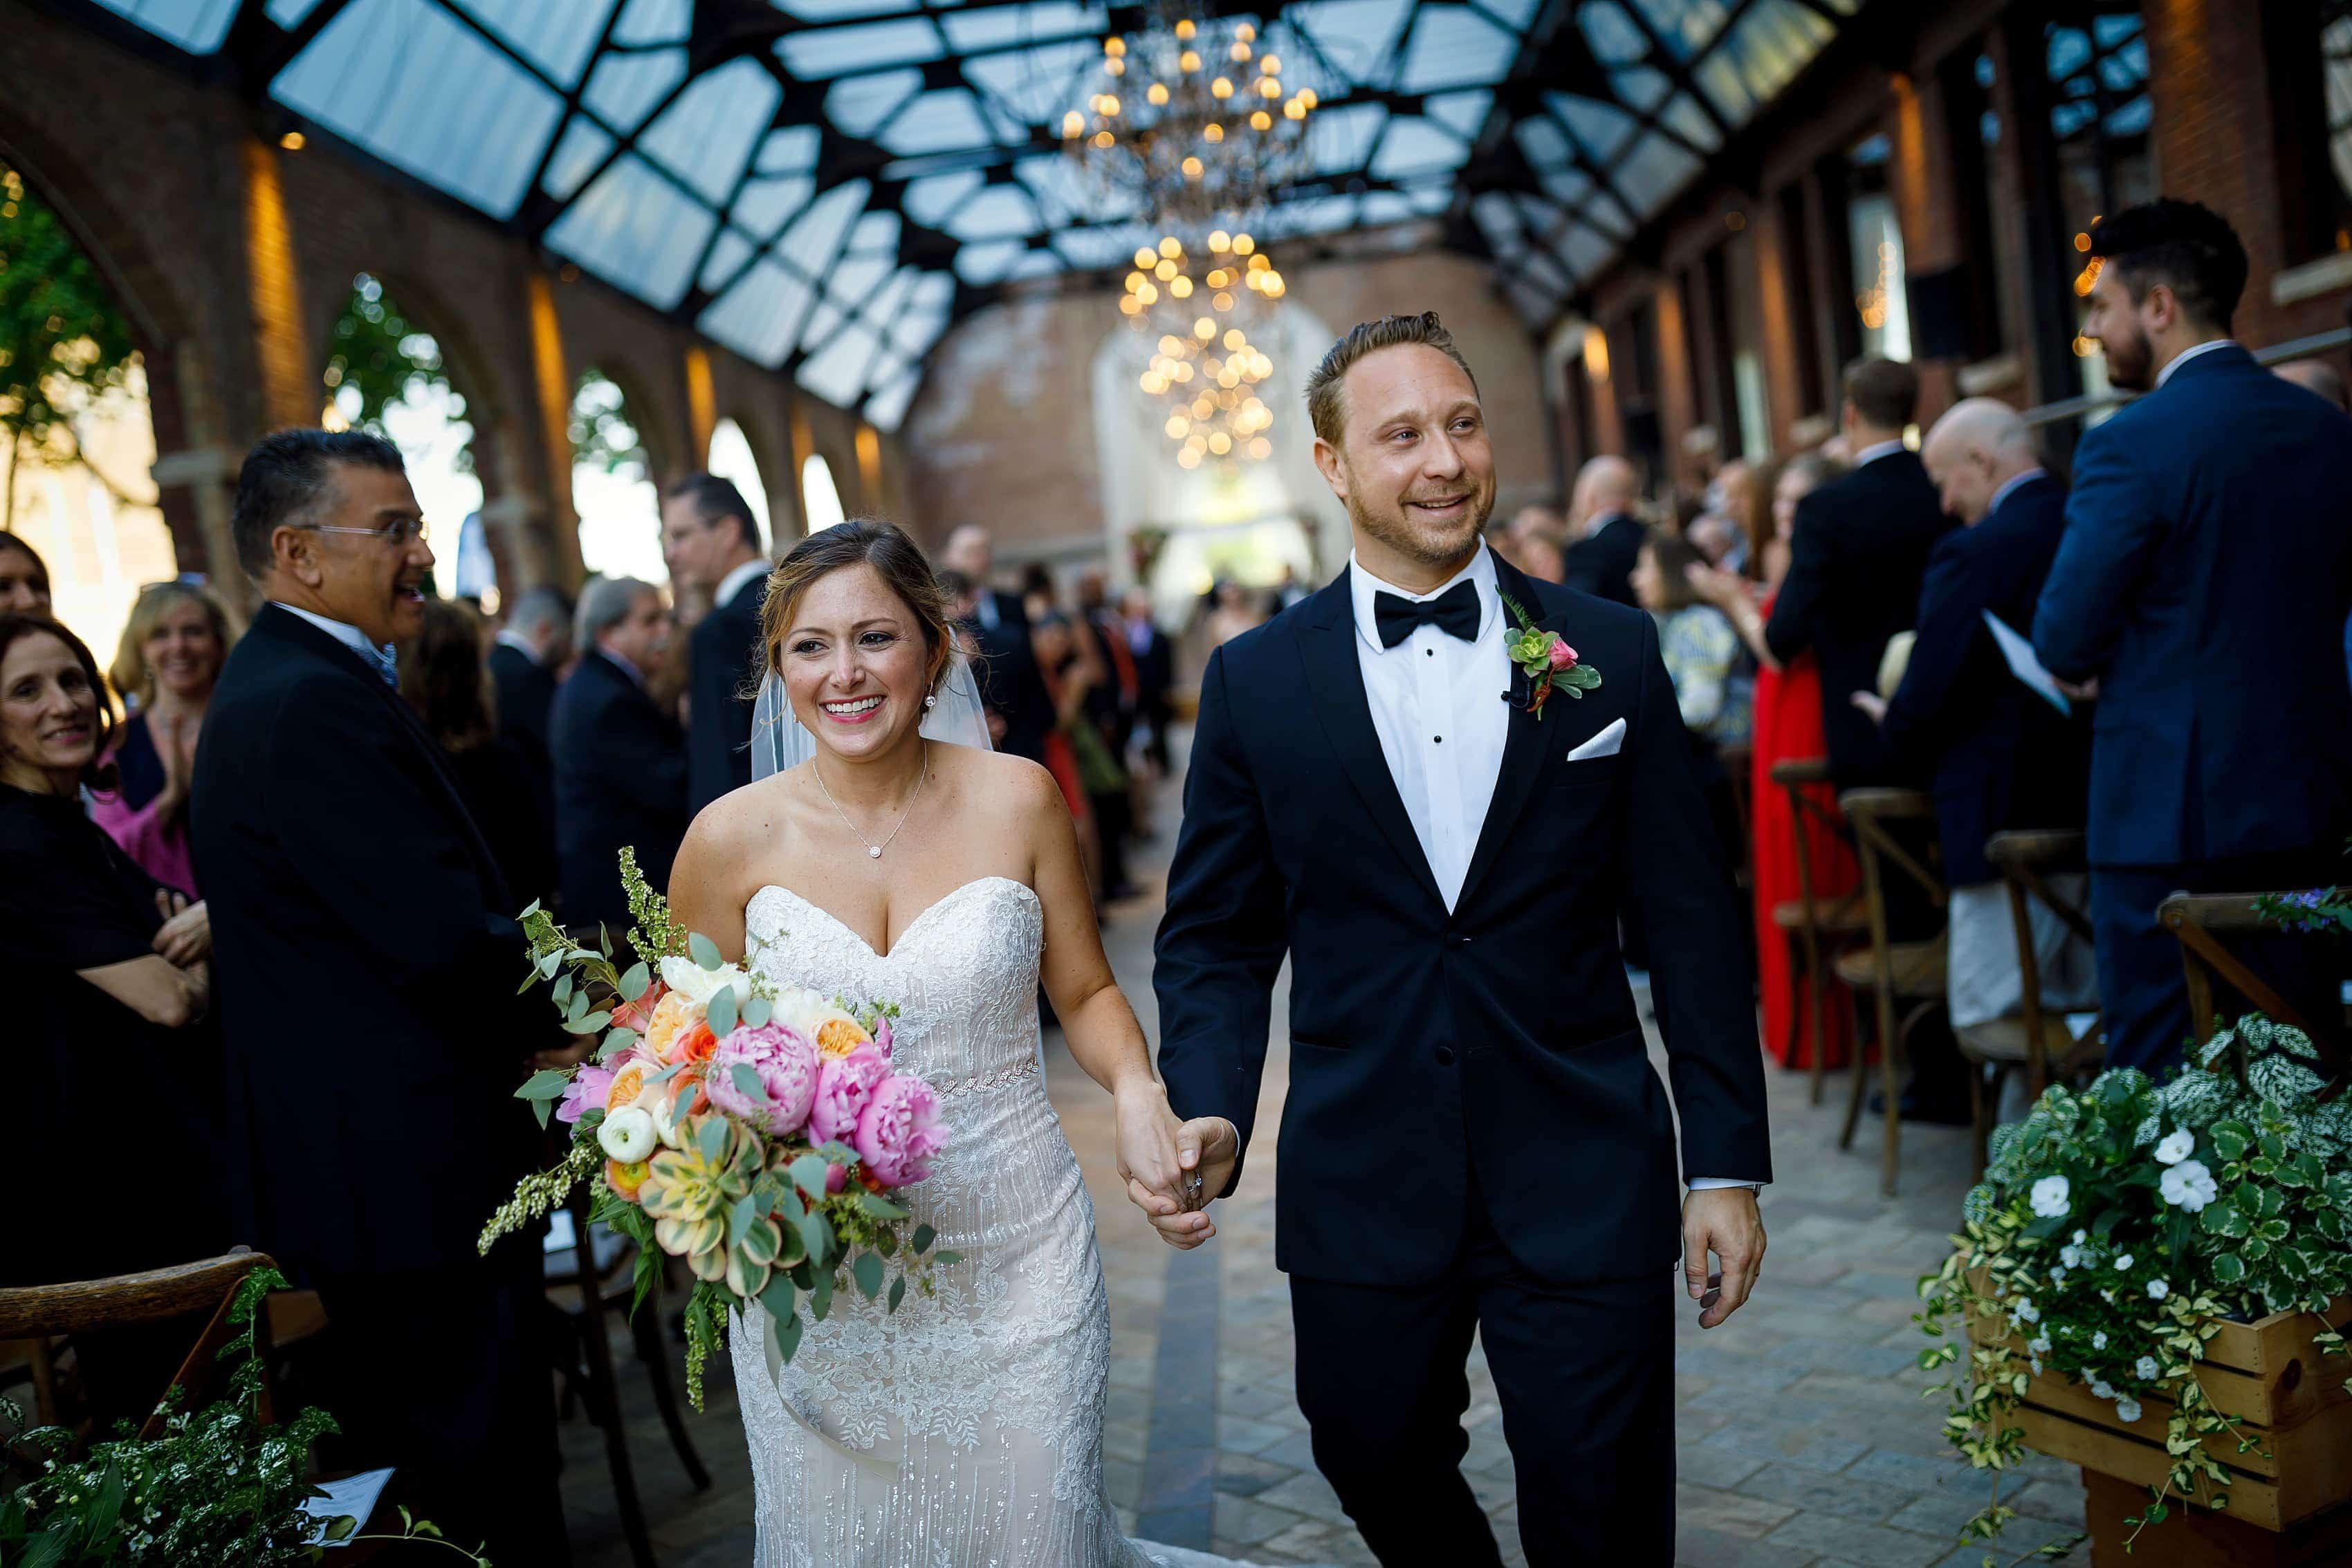 Outdoor Chicago Loft Wedding: Jessica & Jared